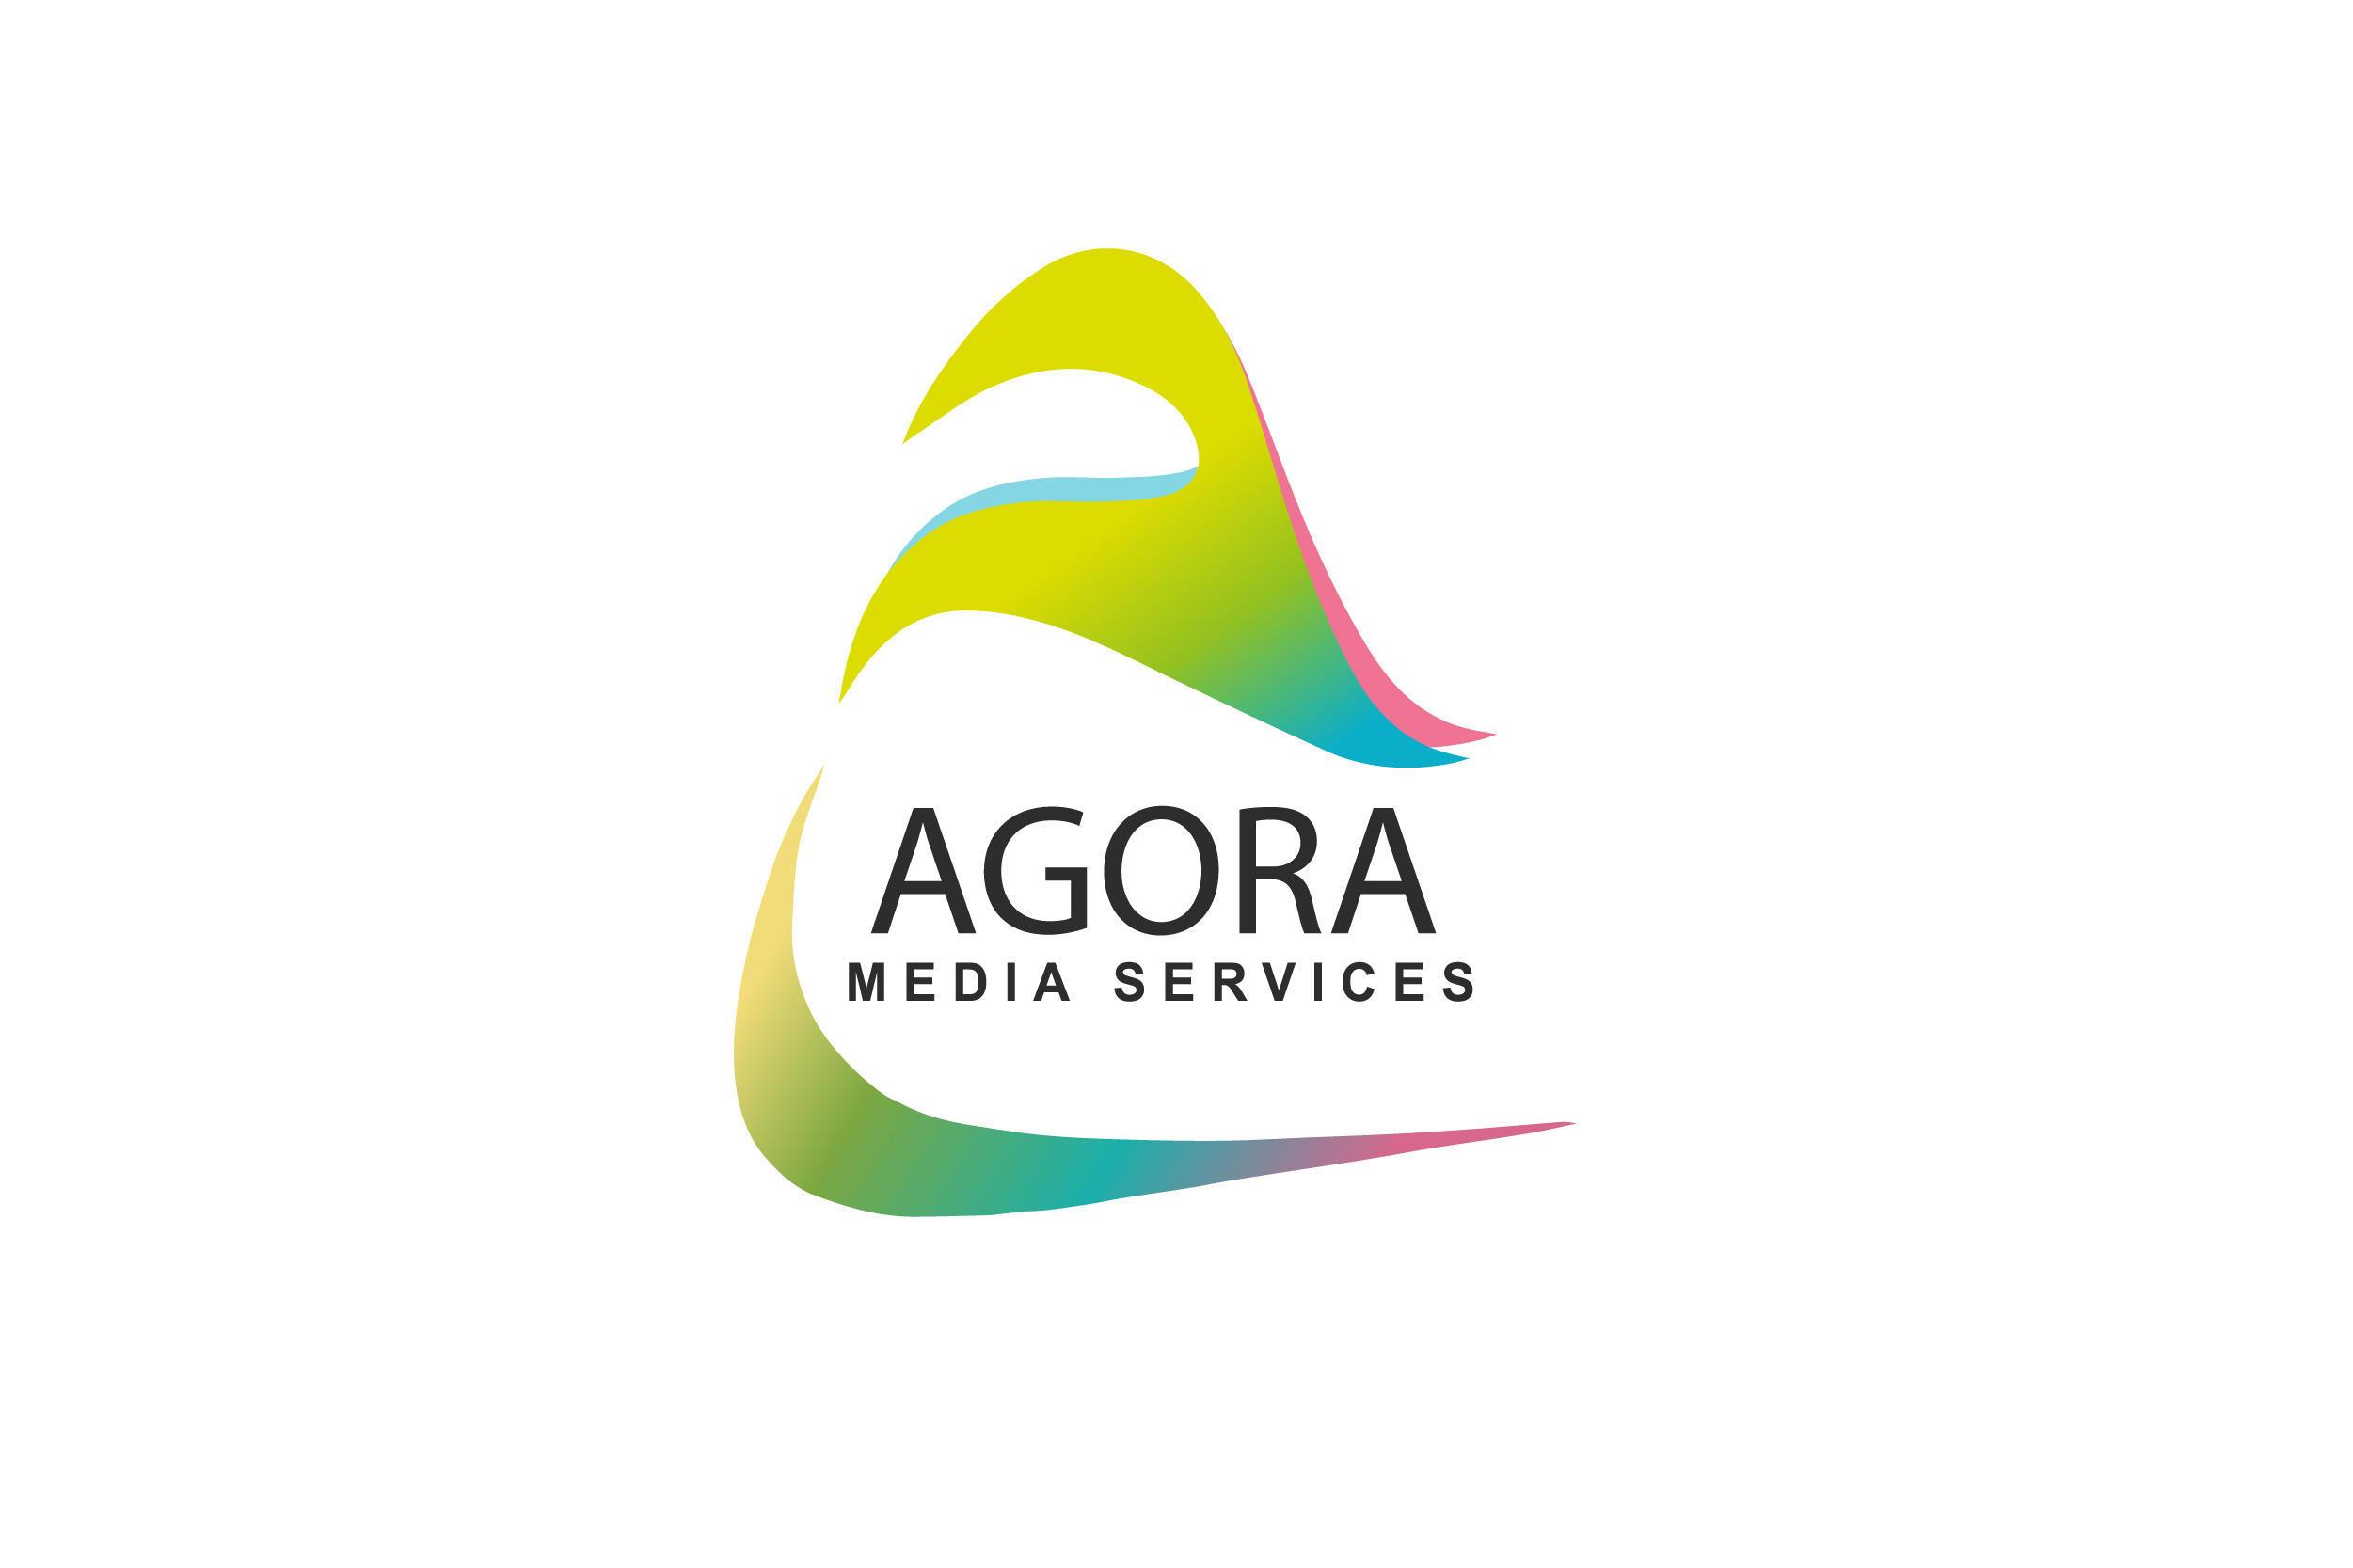 Agora Media Services